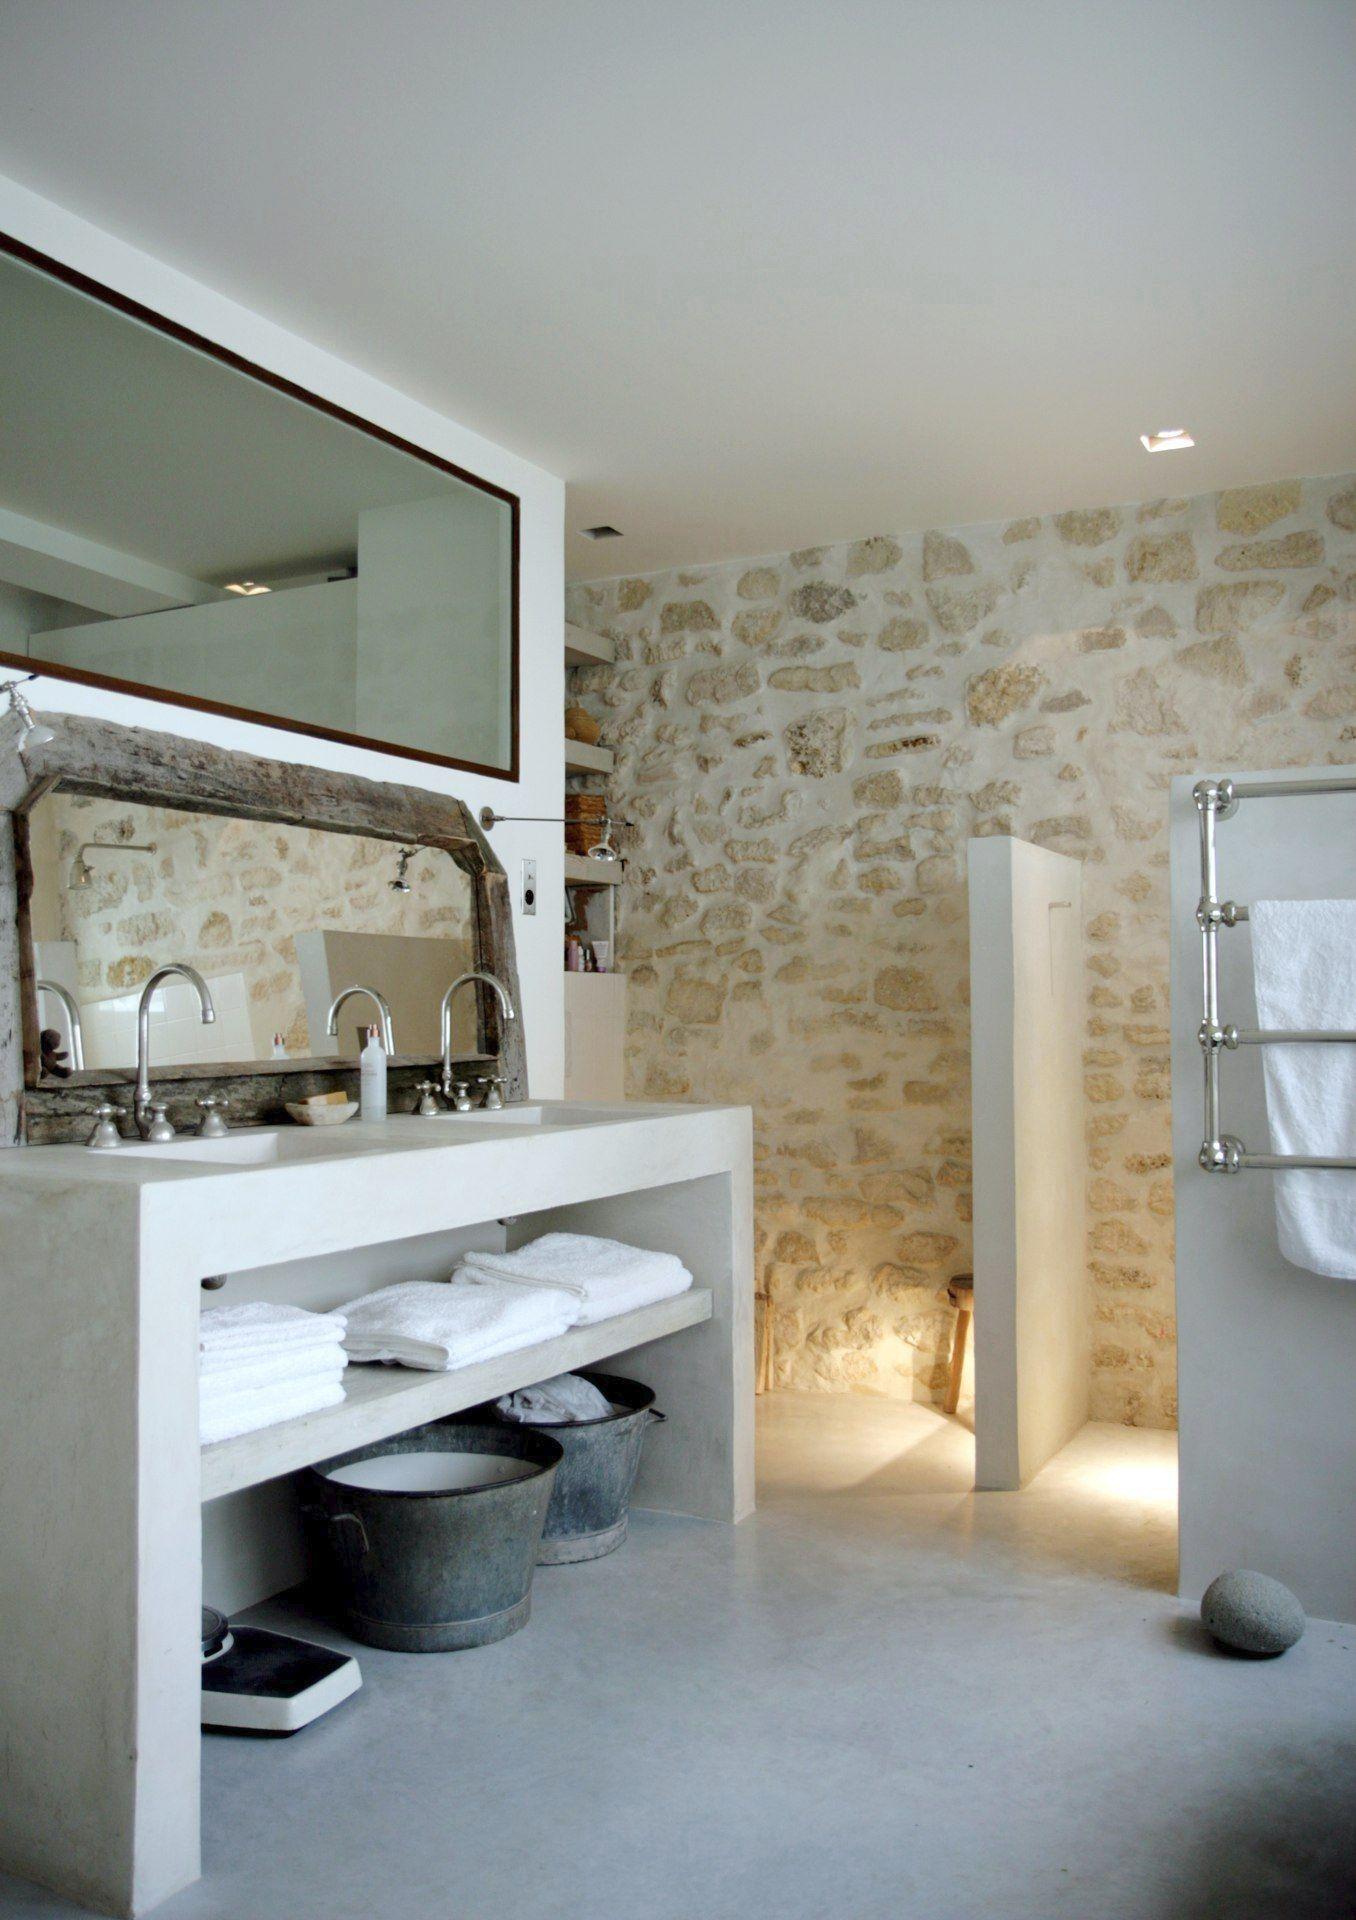 40 Rustic Bathroom Designs   Pinterest - Badkamer, Badkamers en Wc